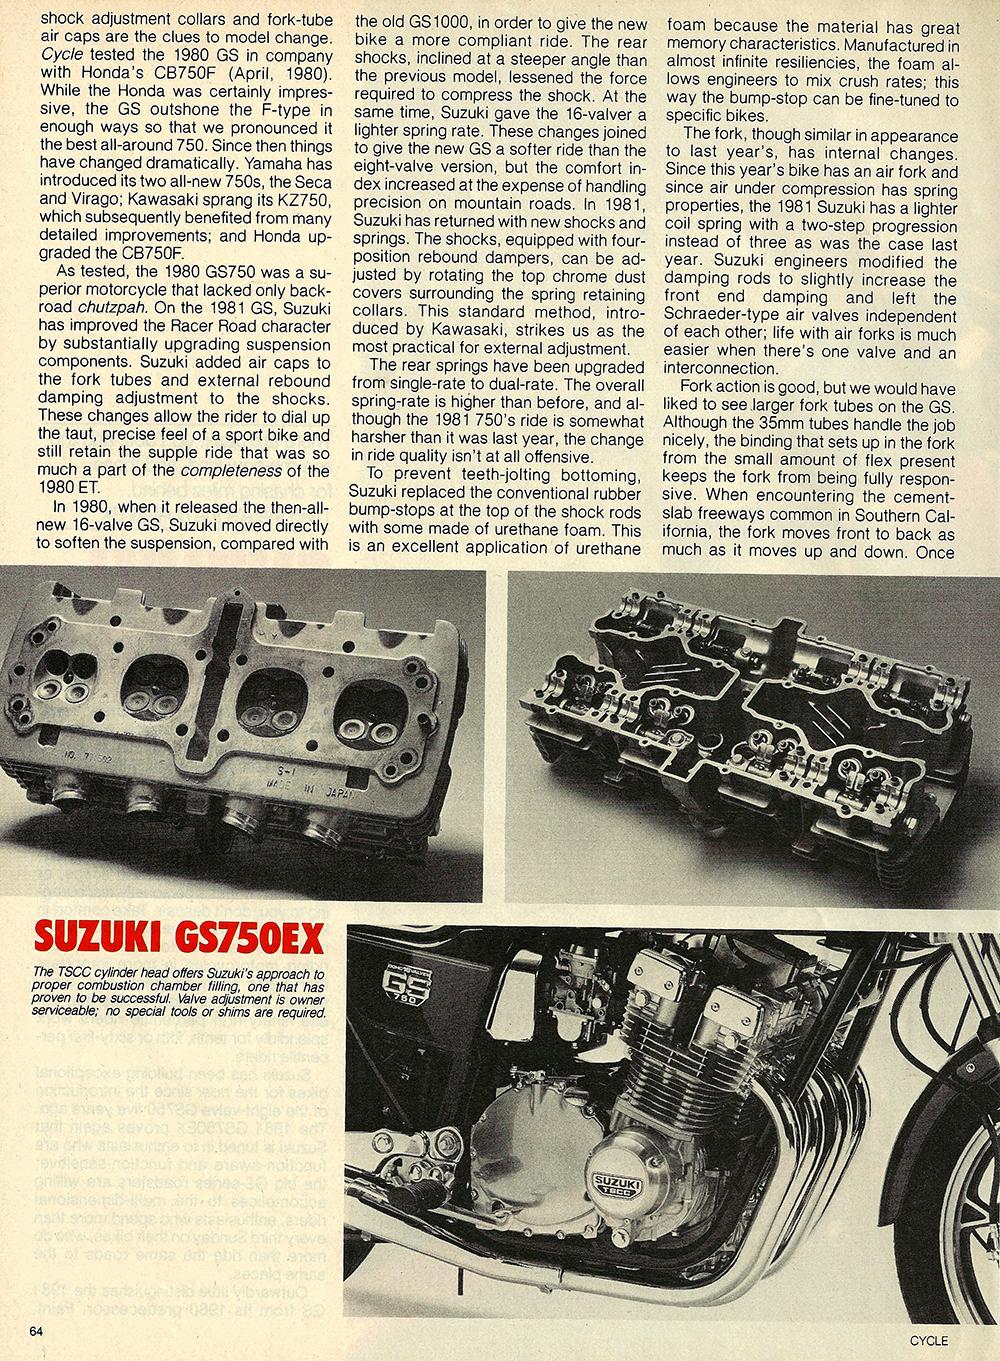 1981 Suzuki GS750 EX road test 03.jpg